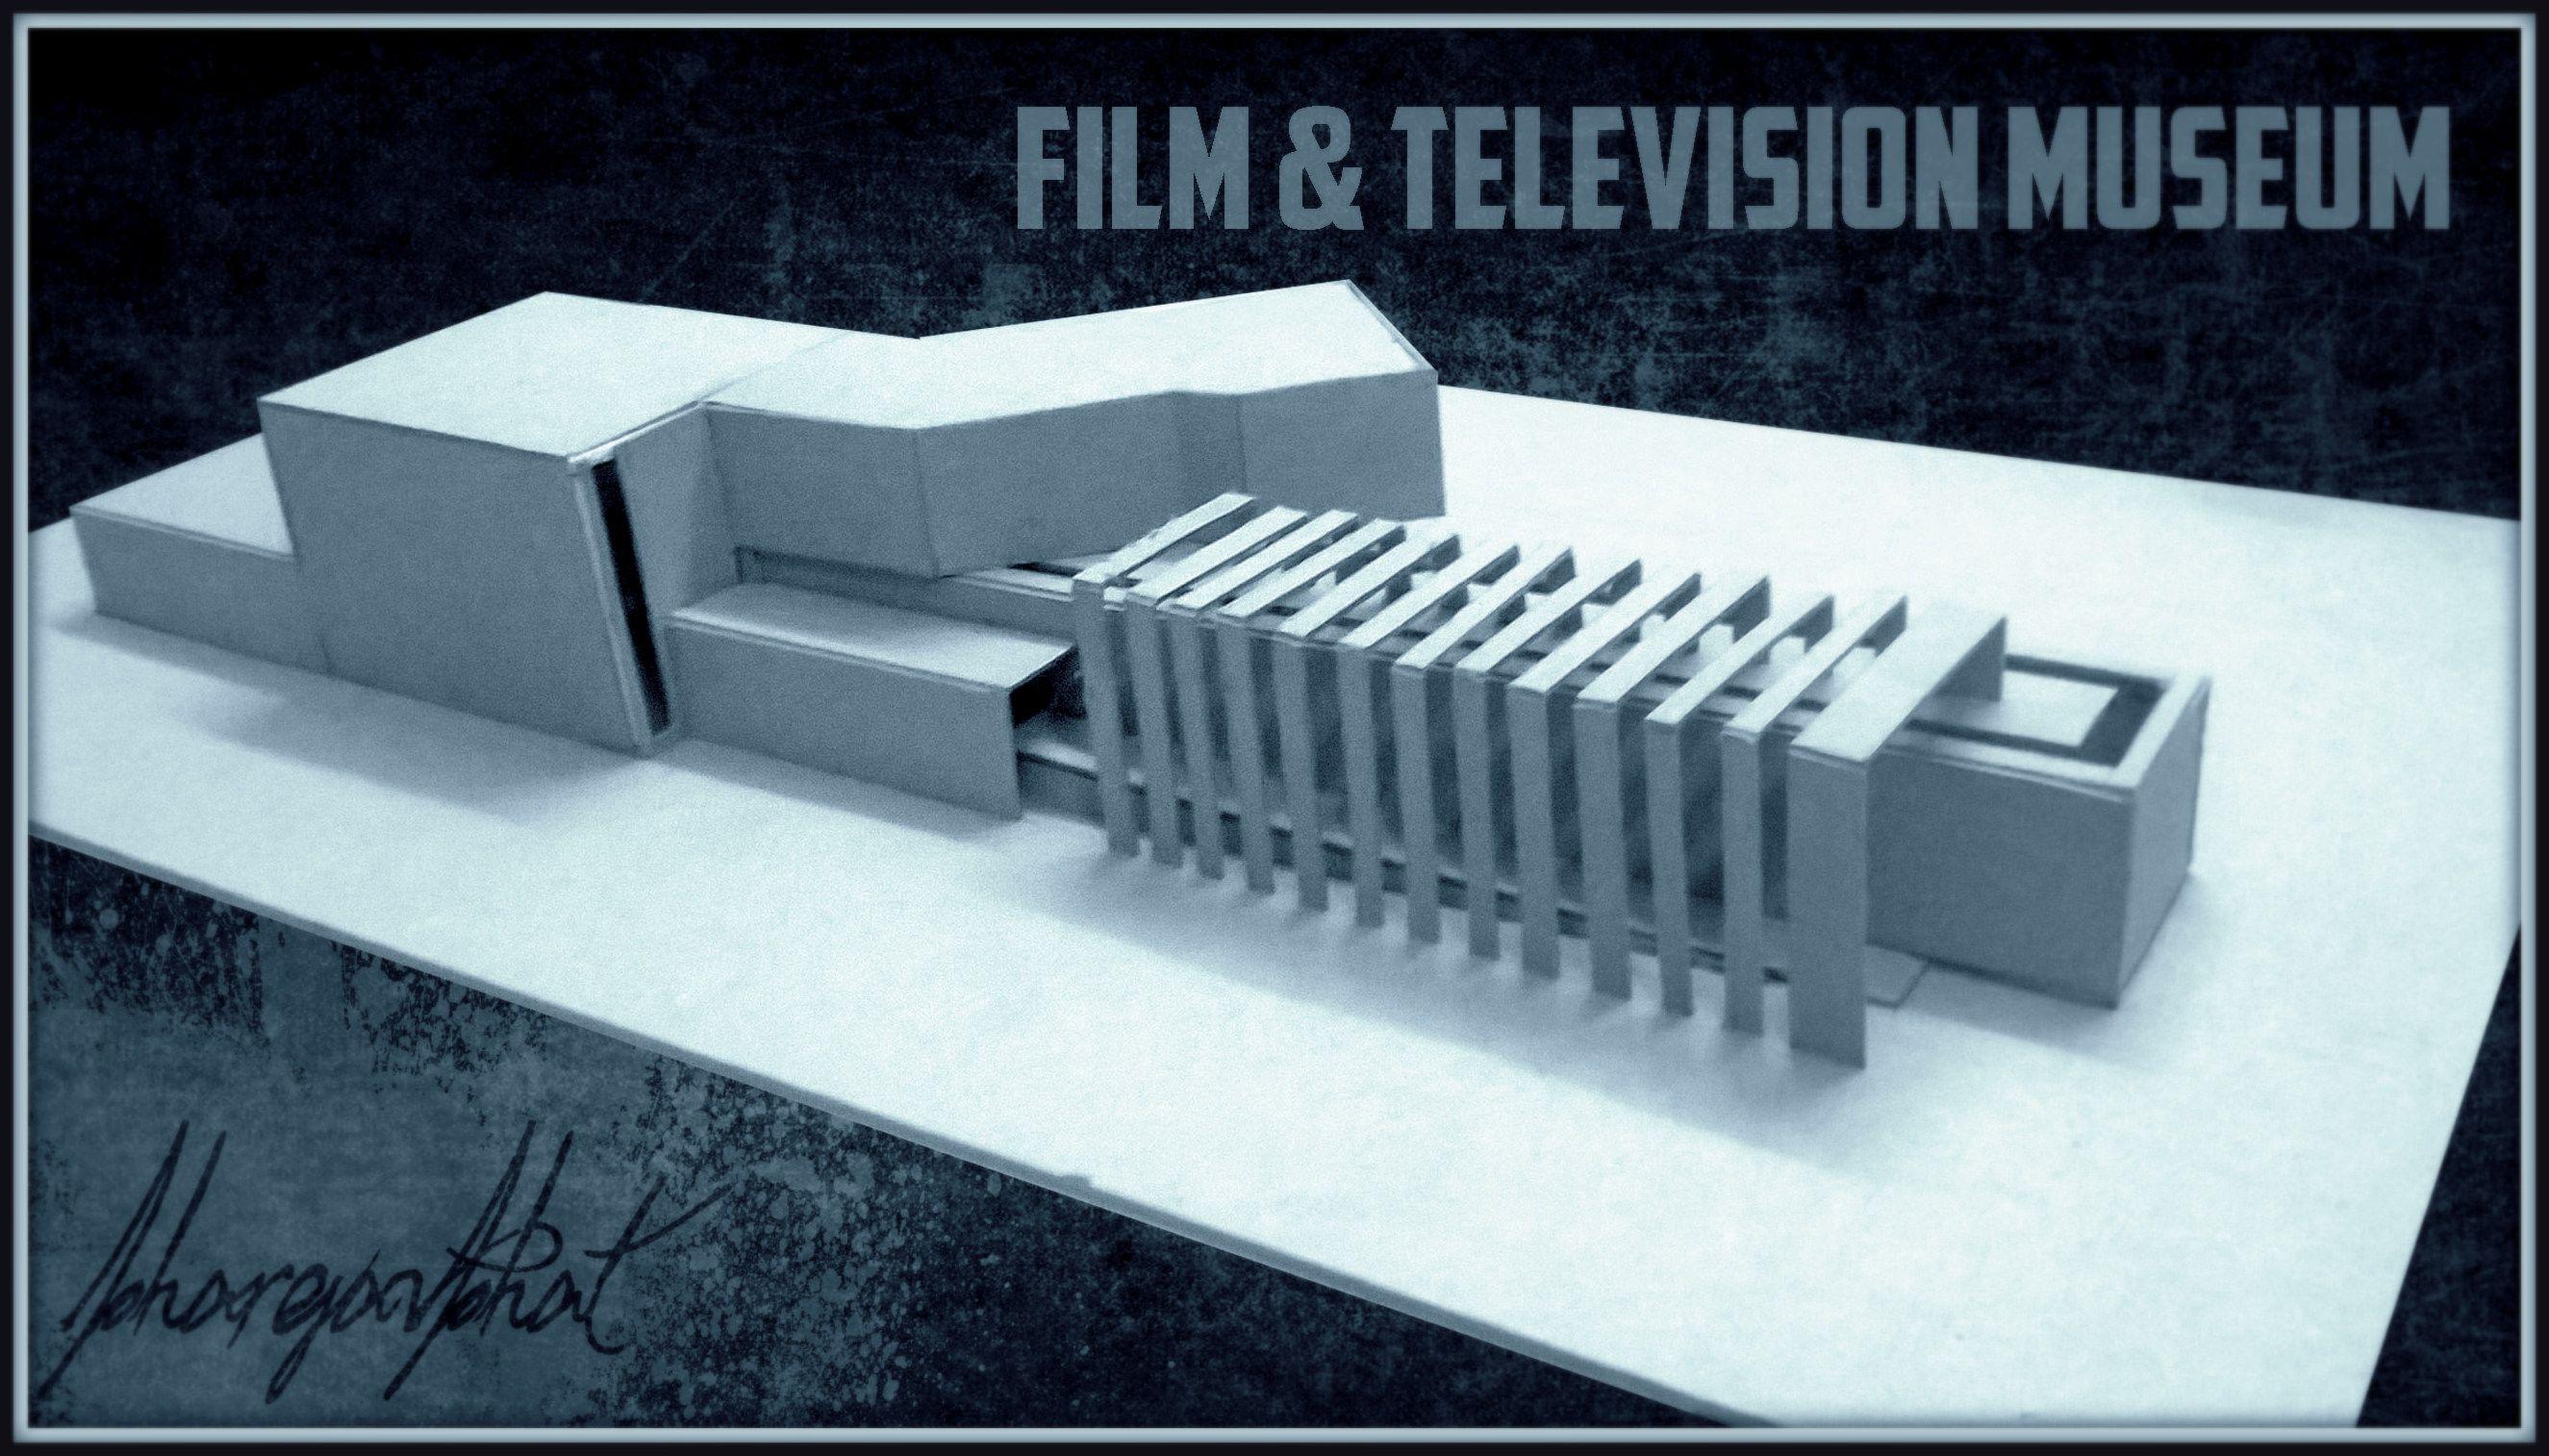 Film museum concept model   [ARCHITECTURE]   Museum architecture